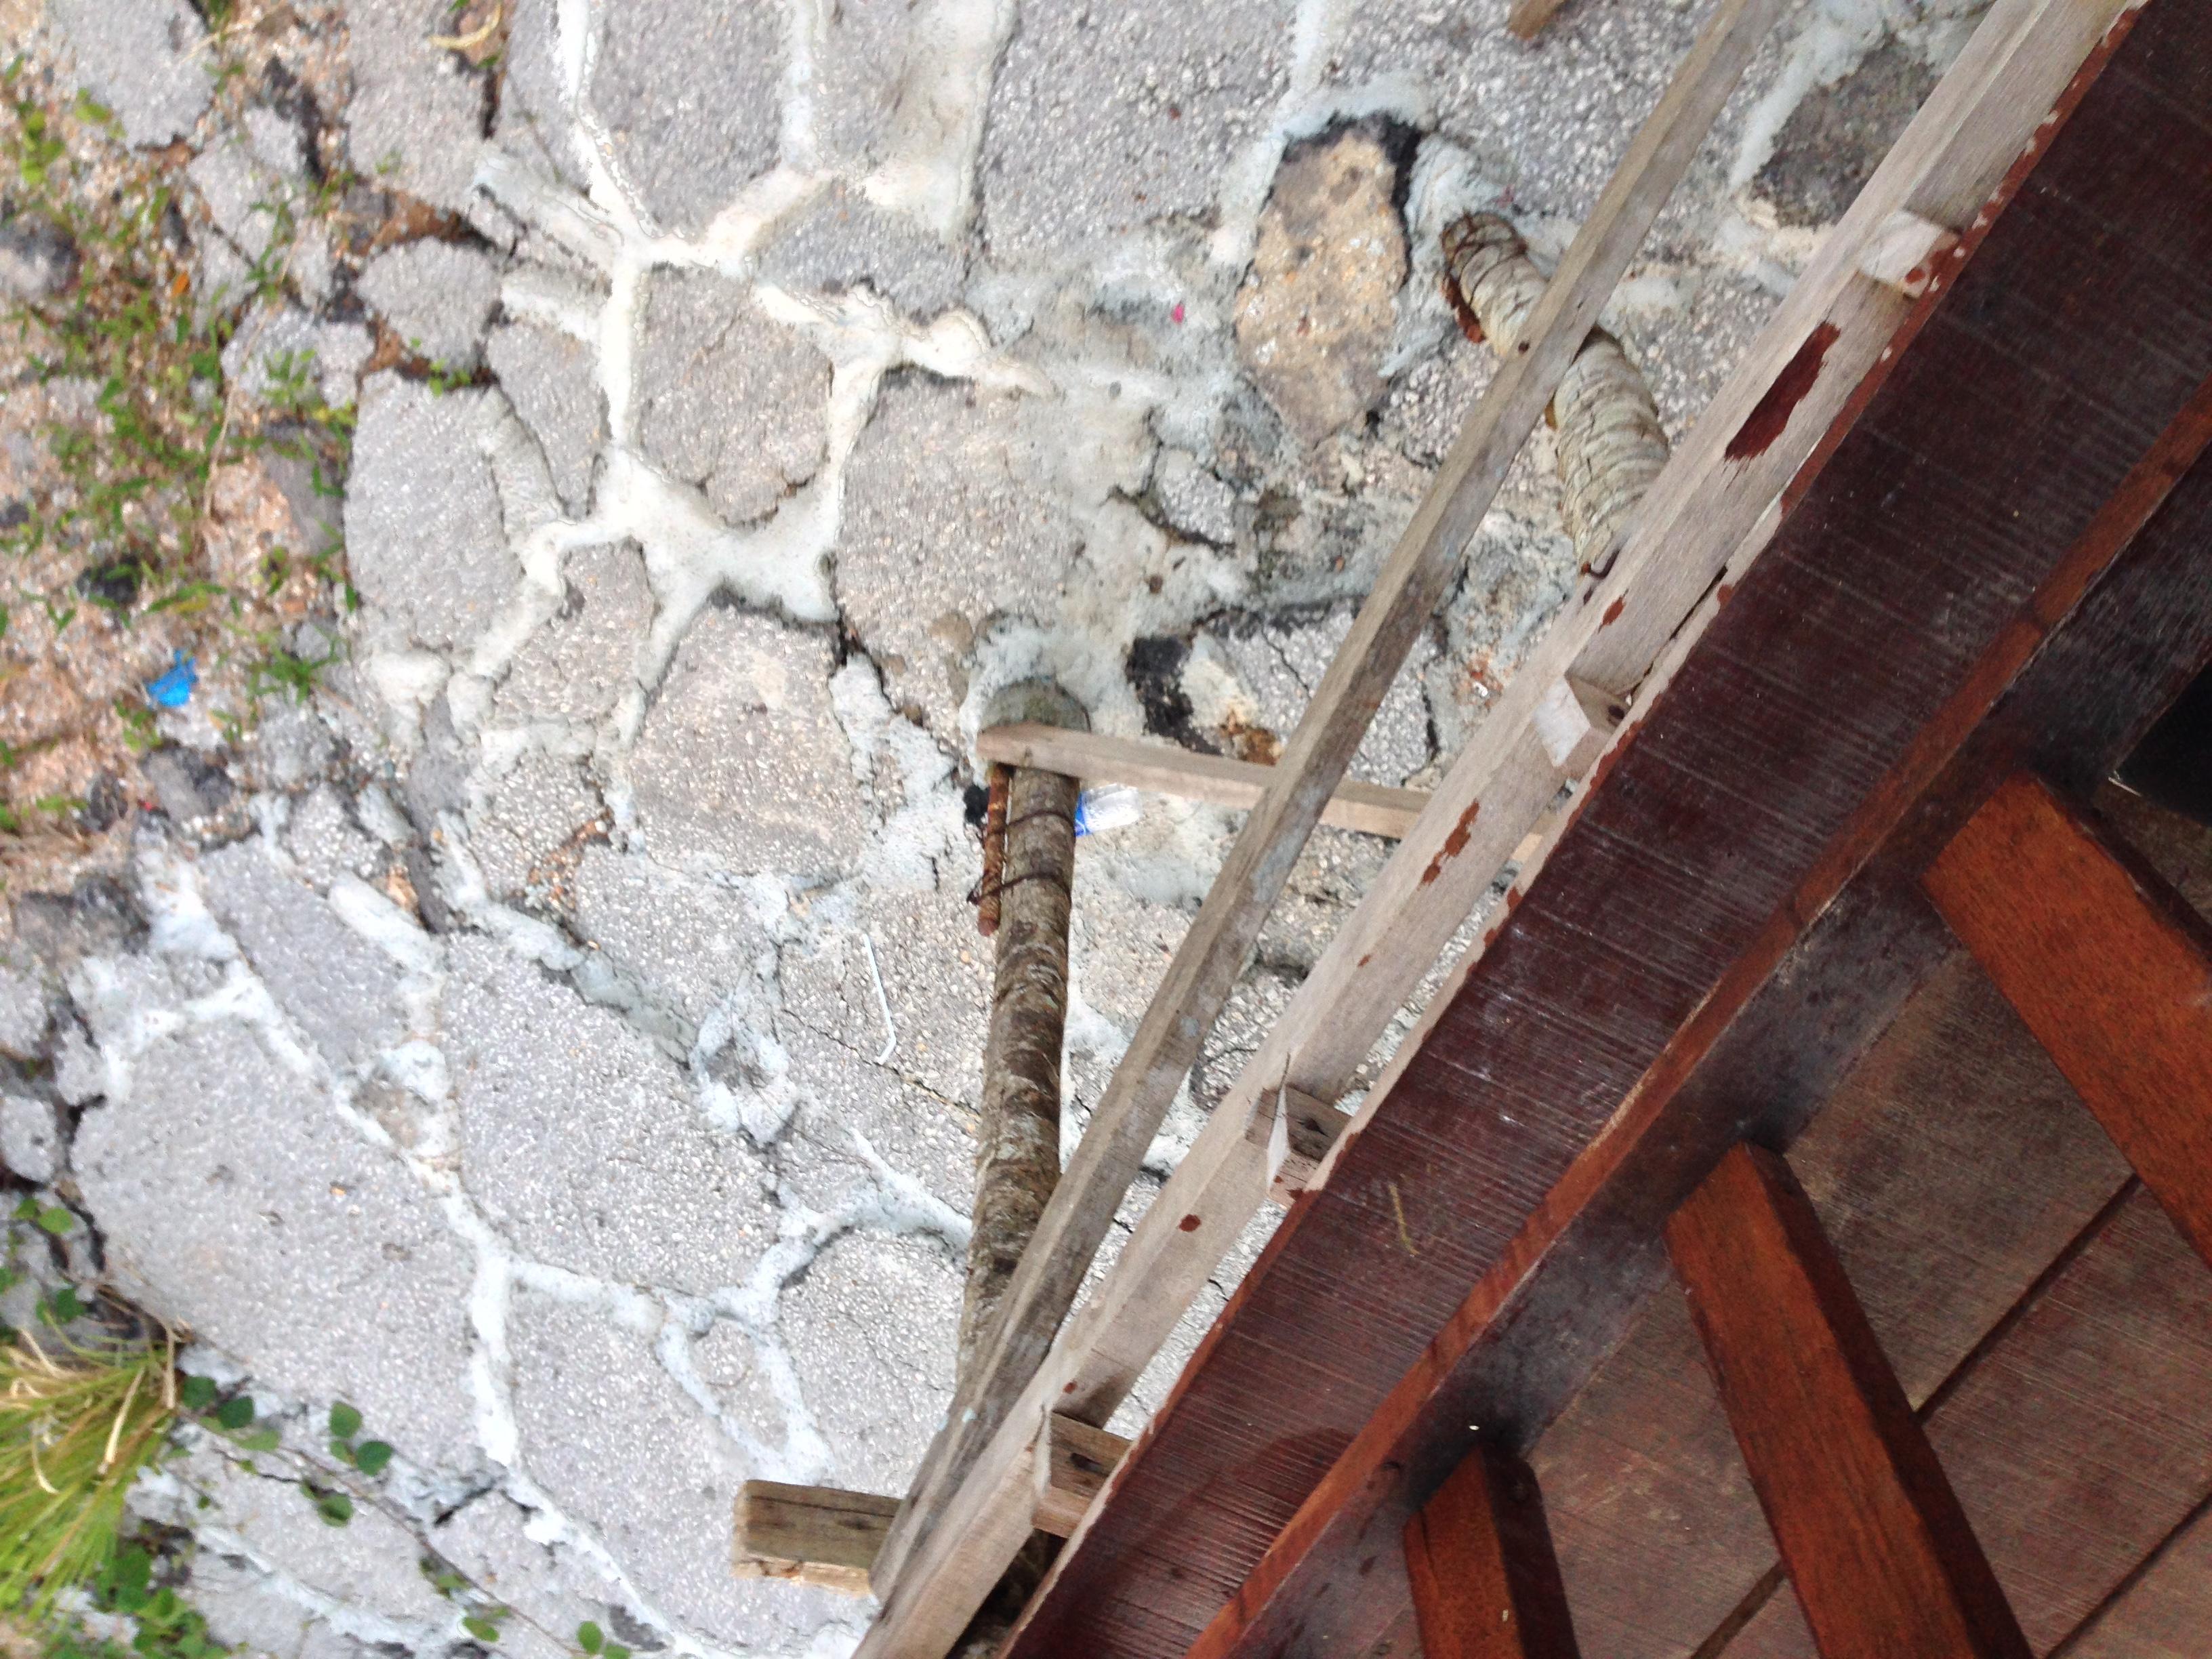 Paved floor below the vantage point